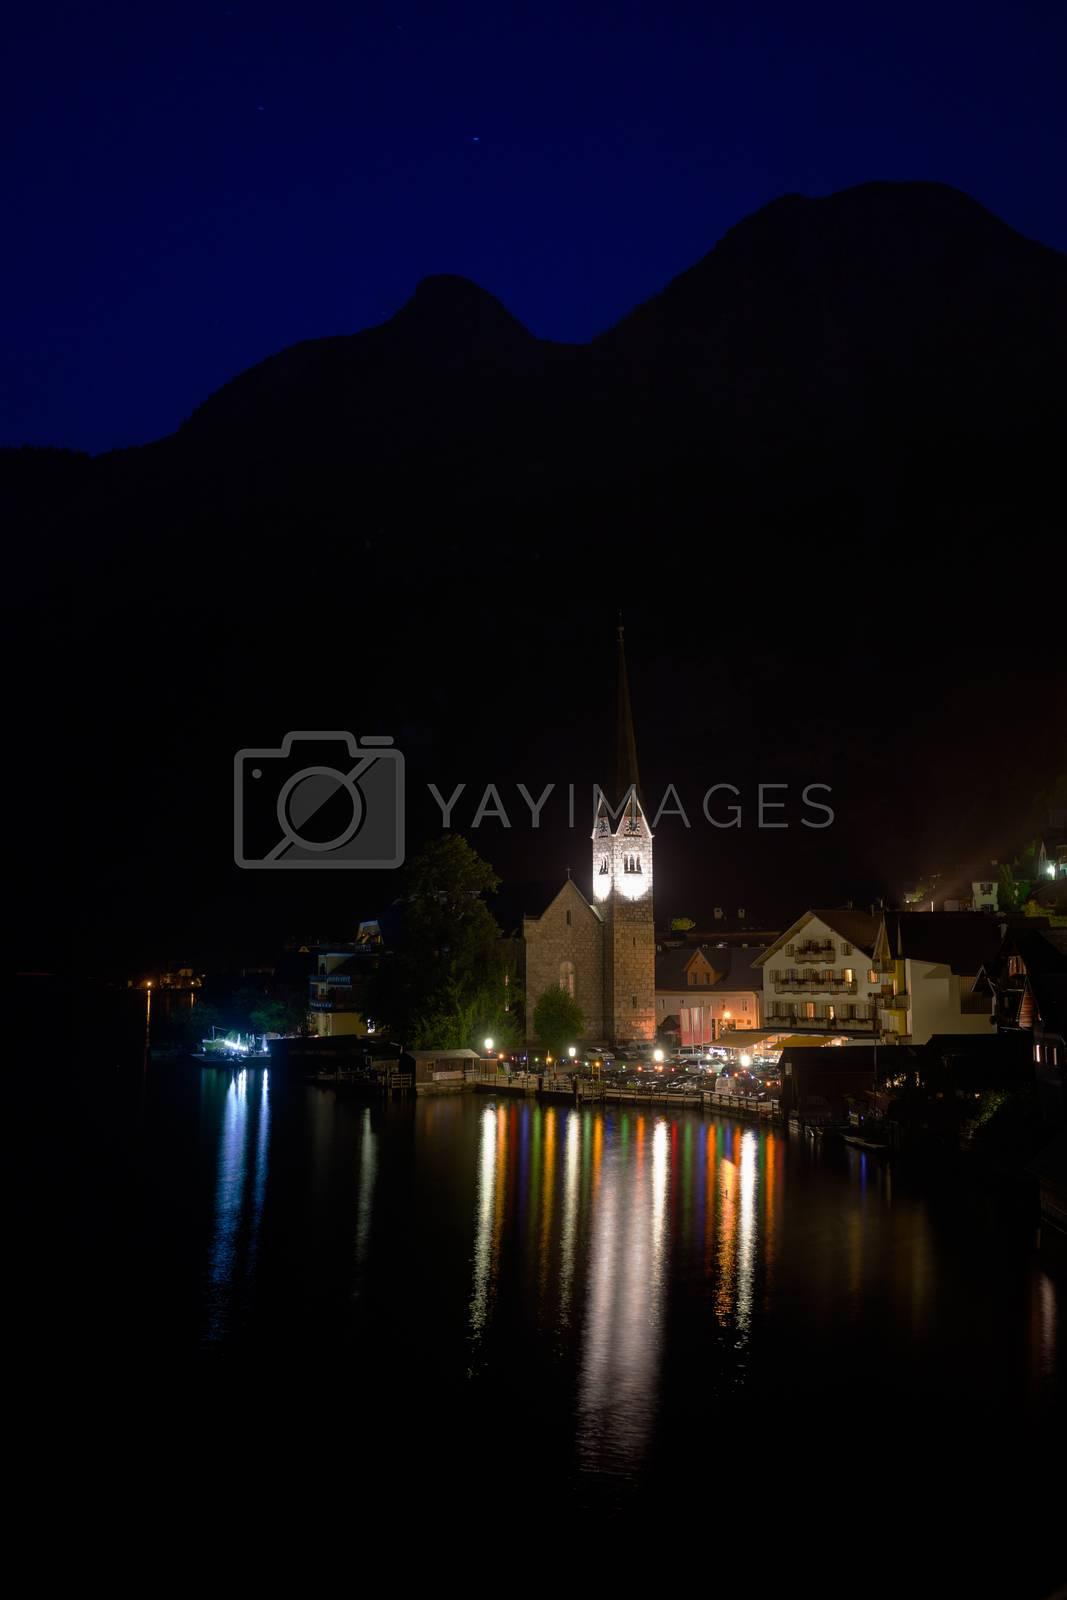 Night view of Hallstatt village by PixAchi